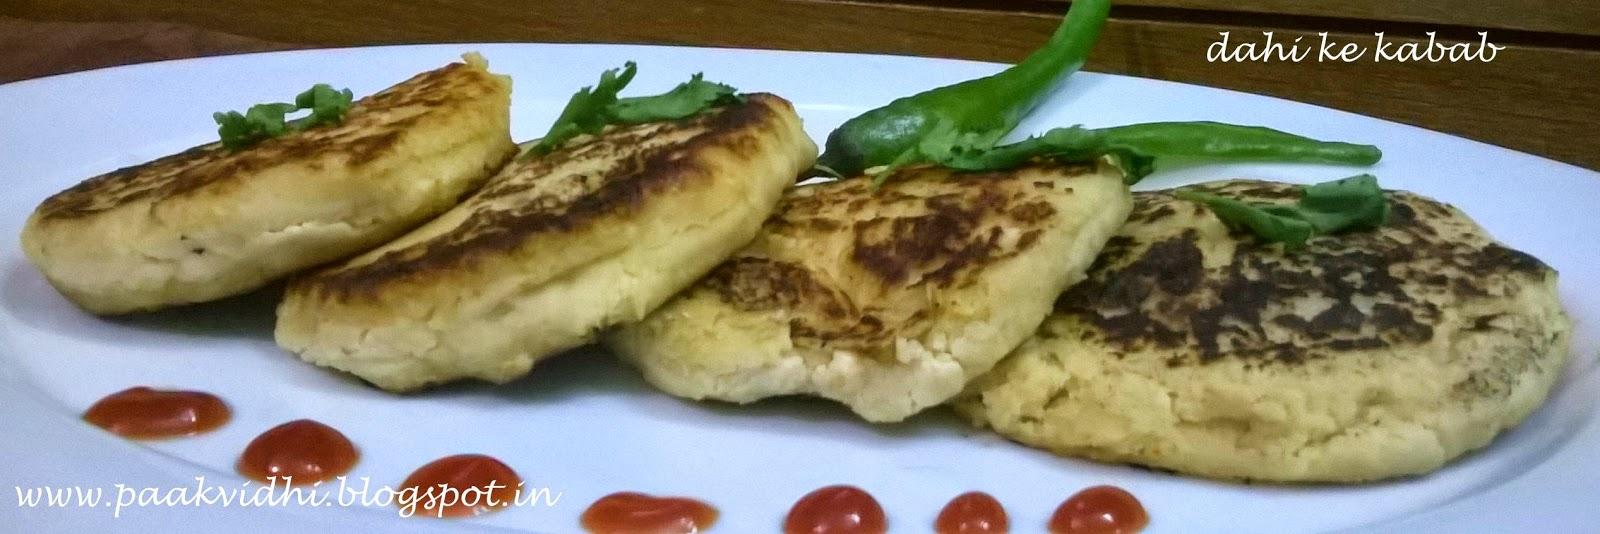 http://paakvidhi.blogspot.in/2014/06/dahi-ke-kabab.html